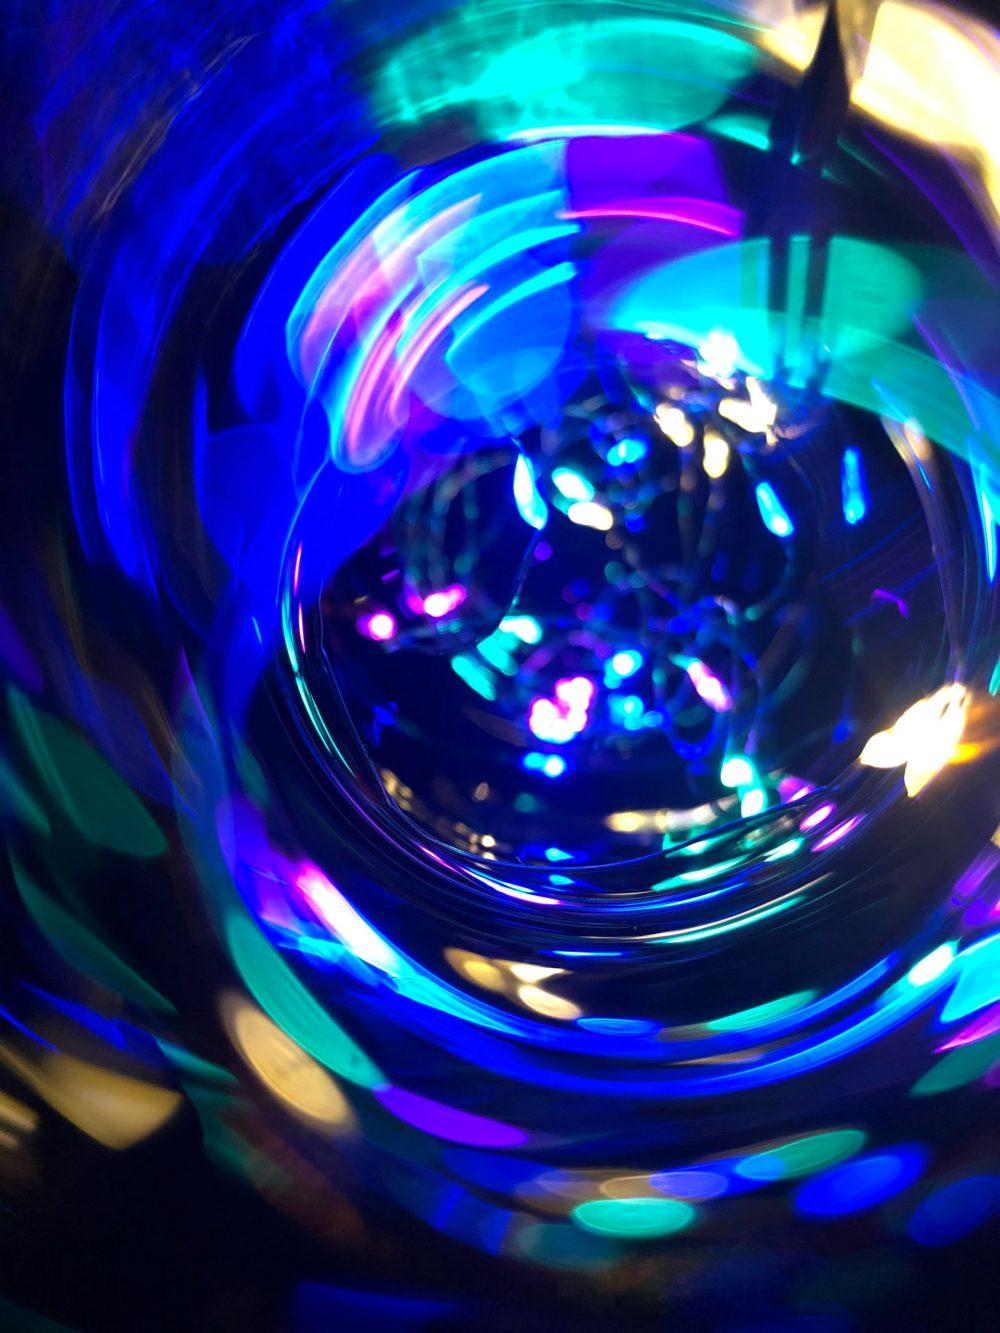 Viele bunte Lichtflecken kreisen in der Flasche herum